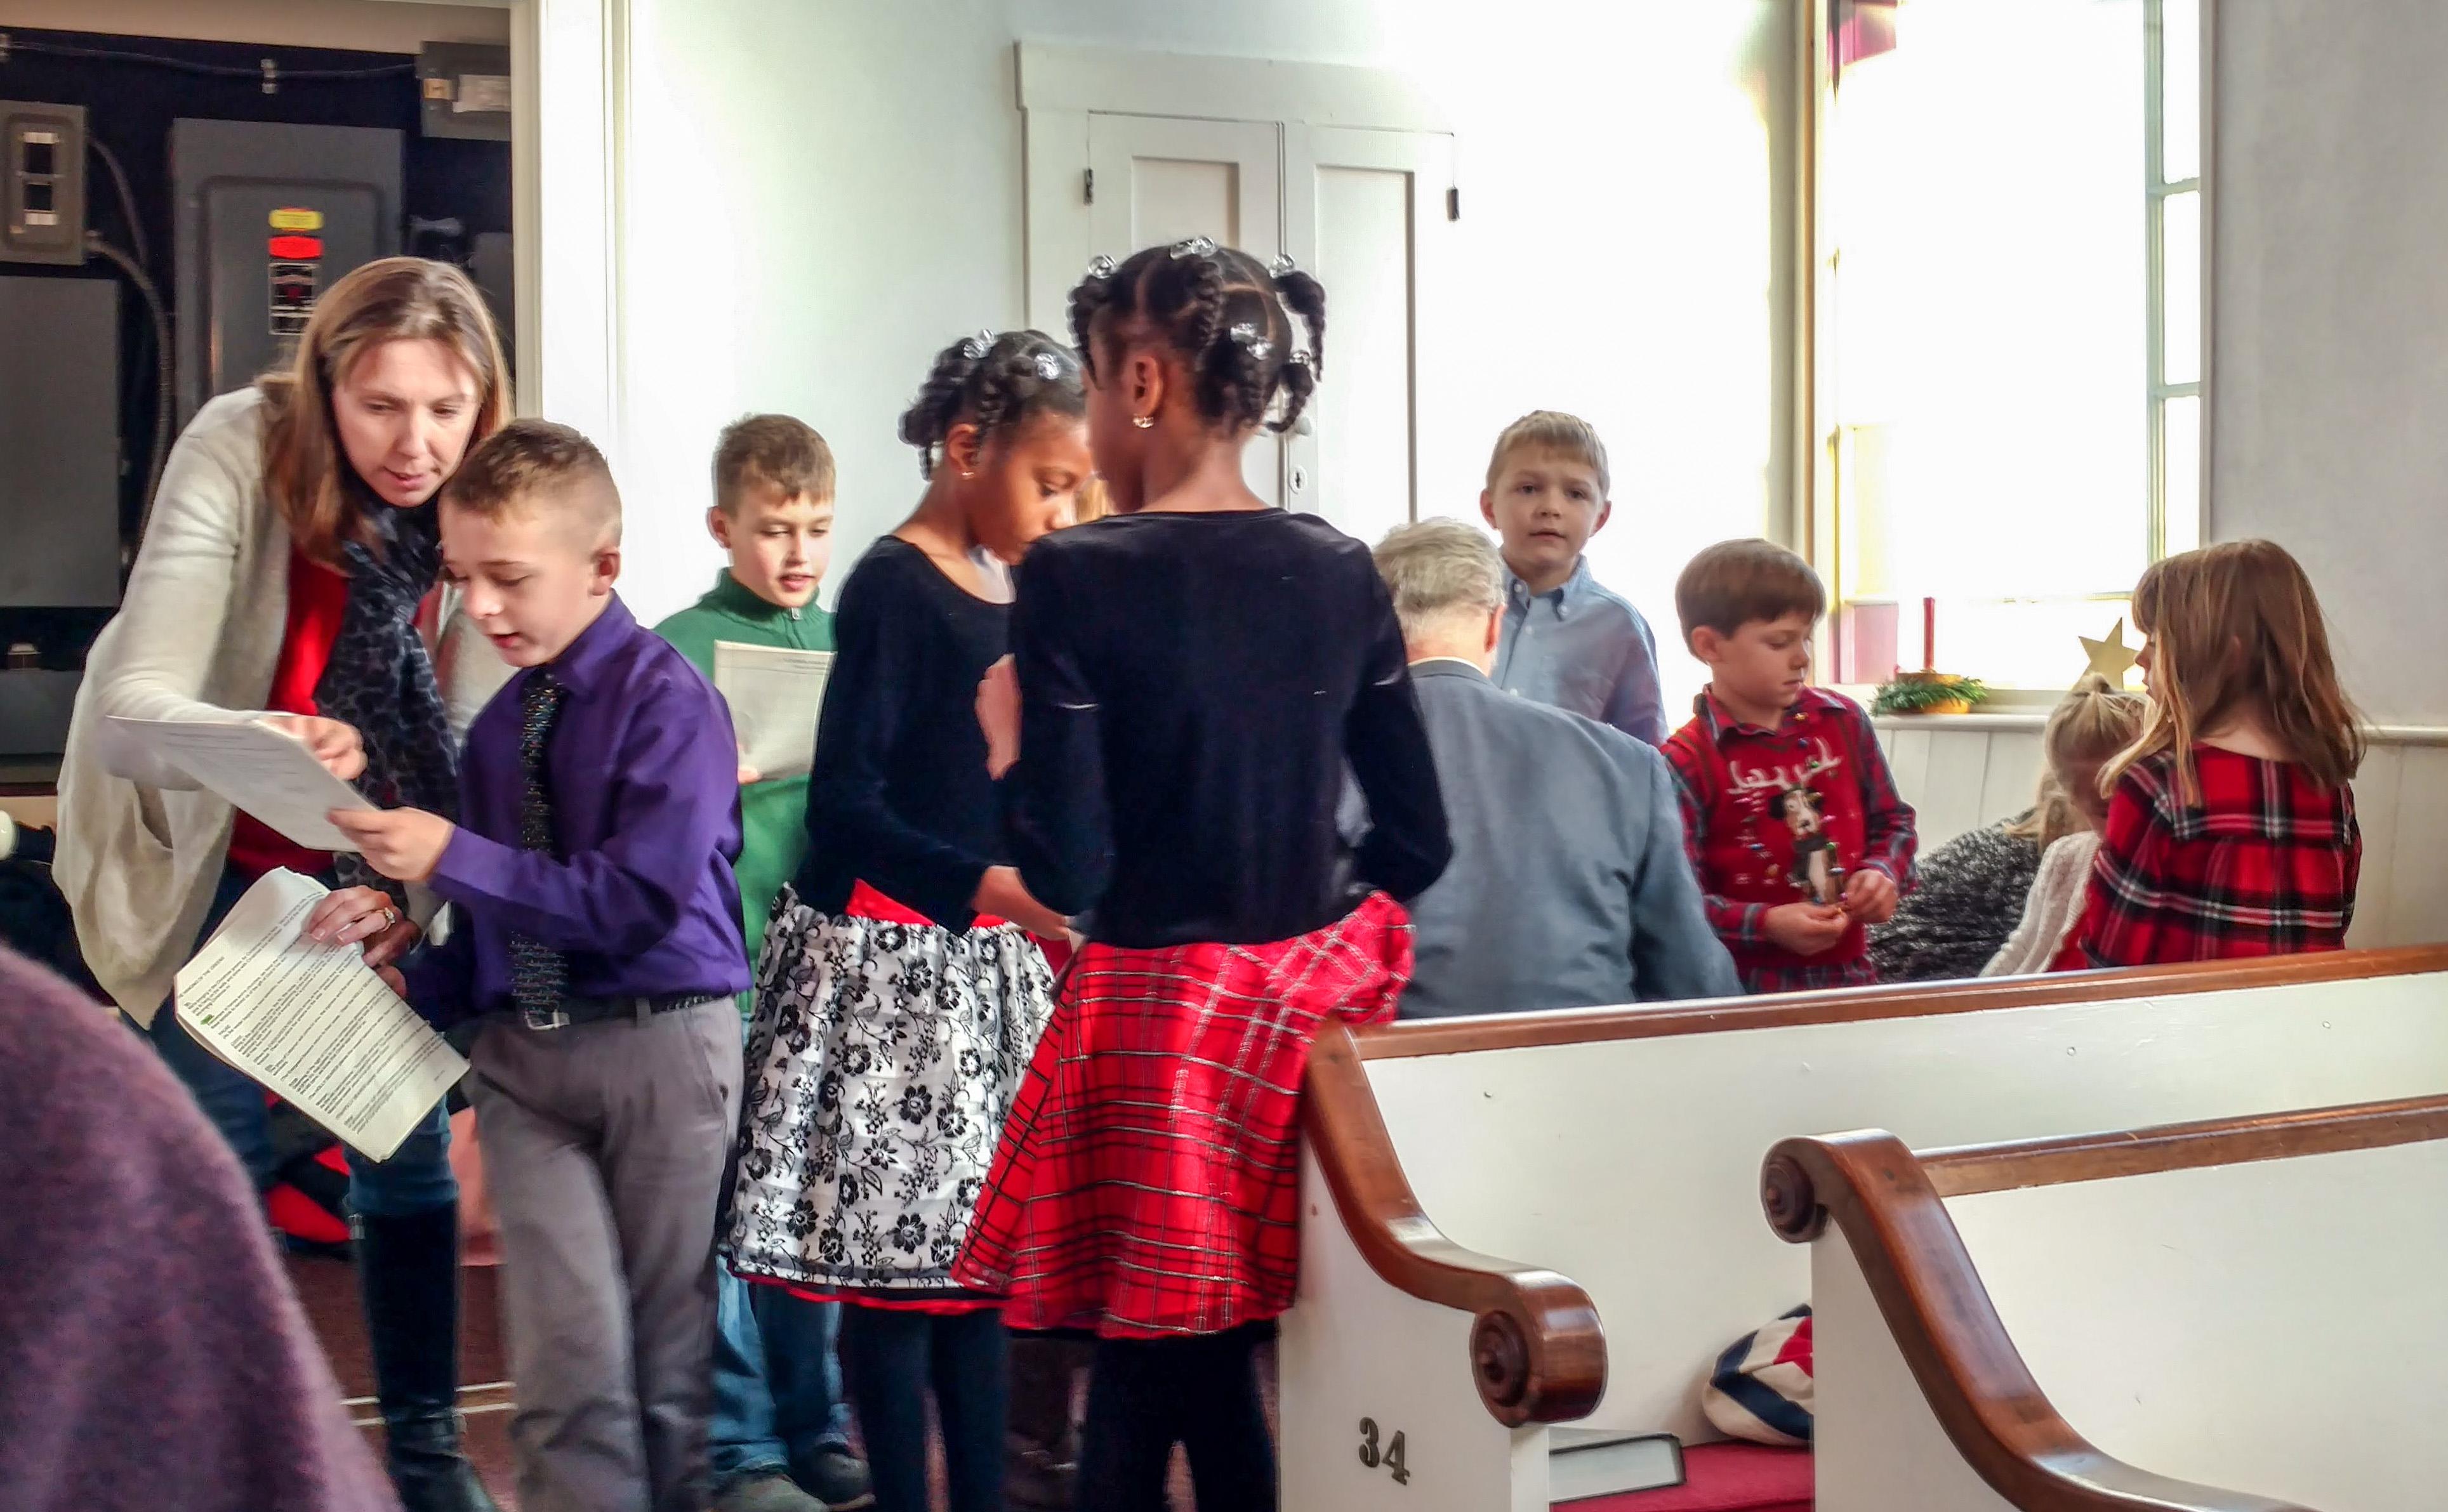 Children gather in the corner to organize